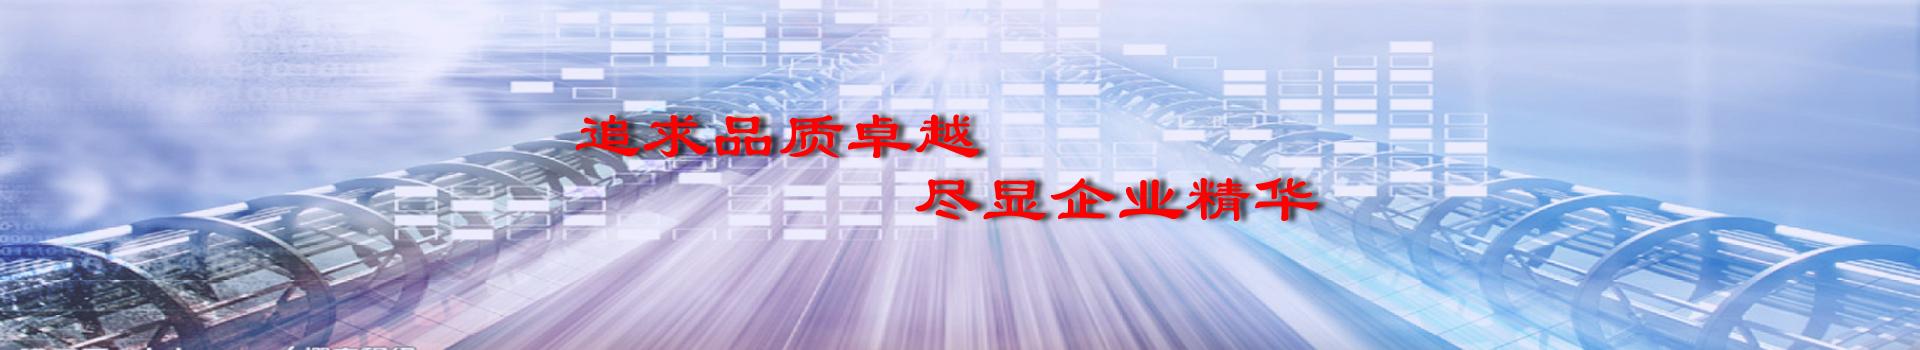 http://www.fdty.cn/data/upload/202108/20210817150805_877.jpg